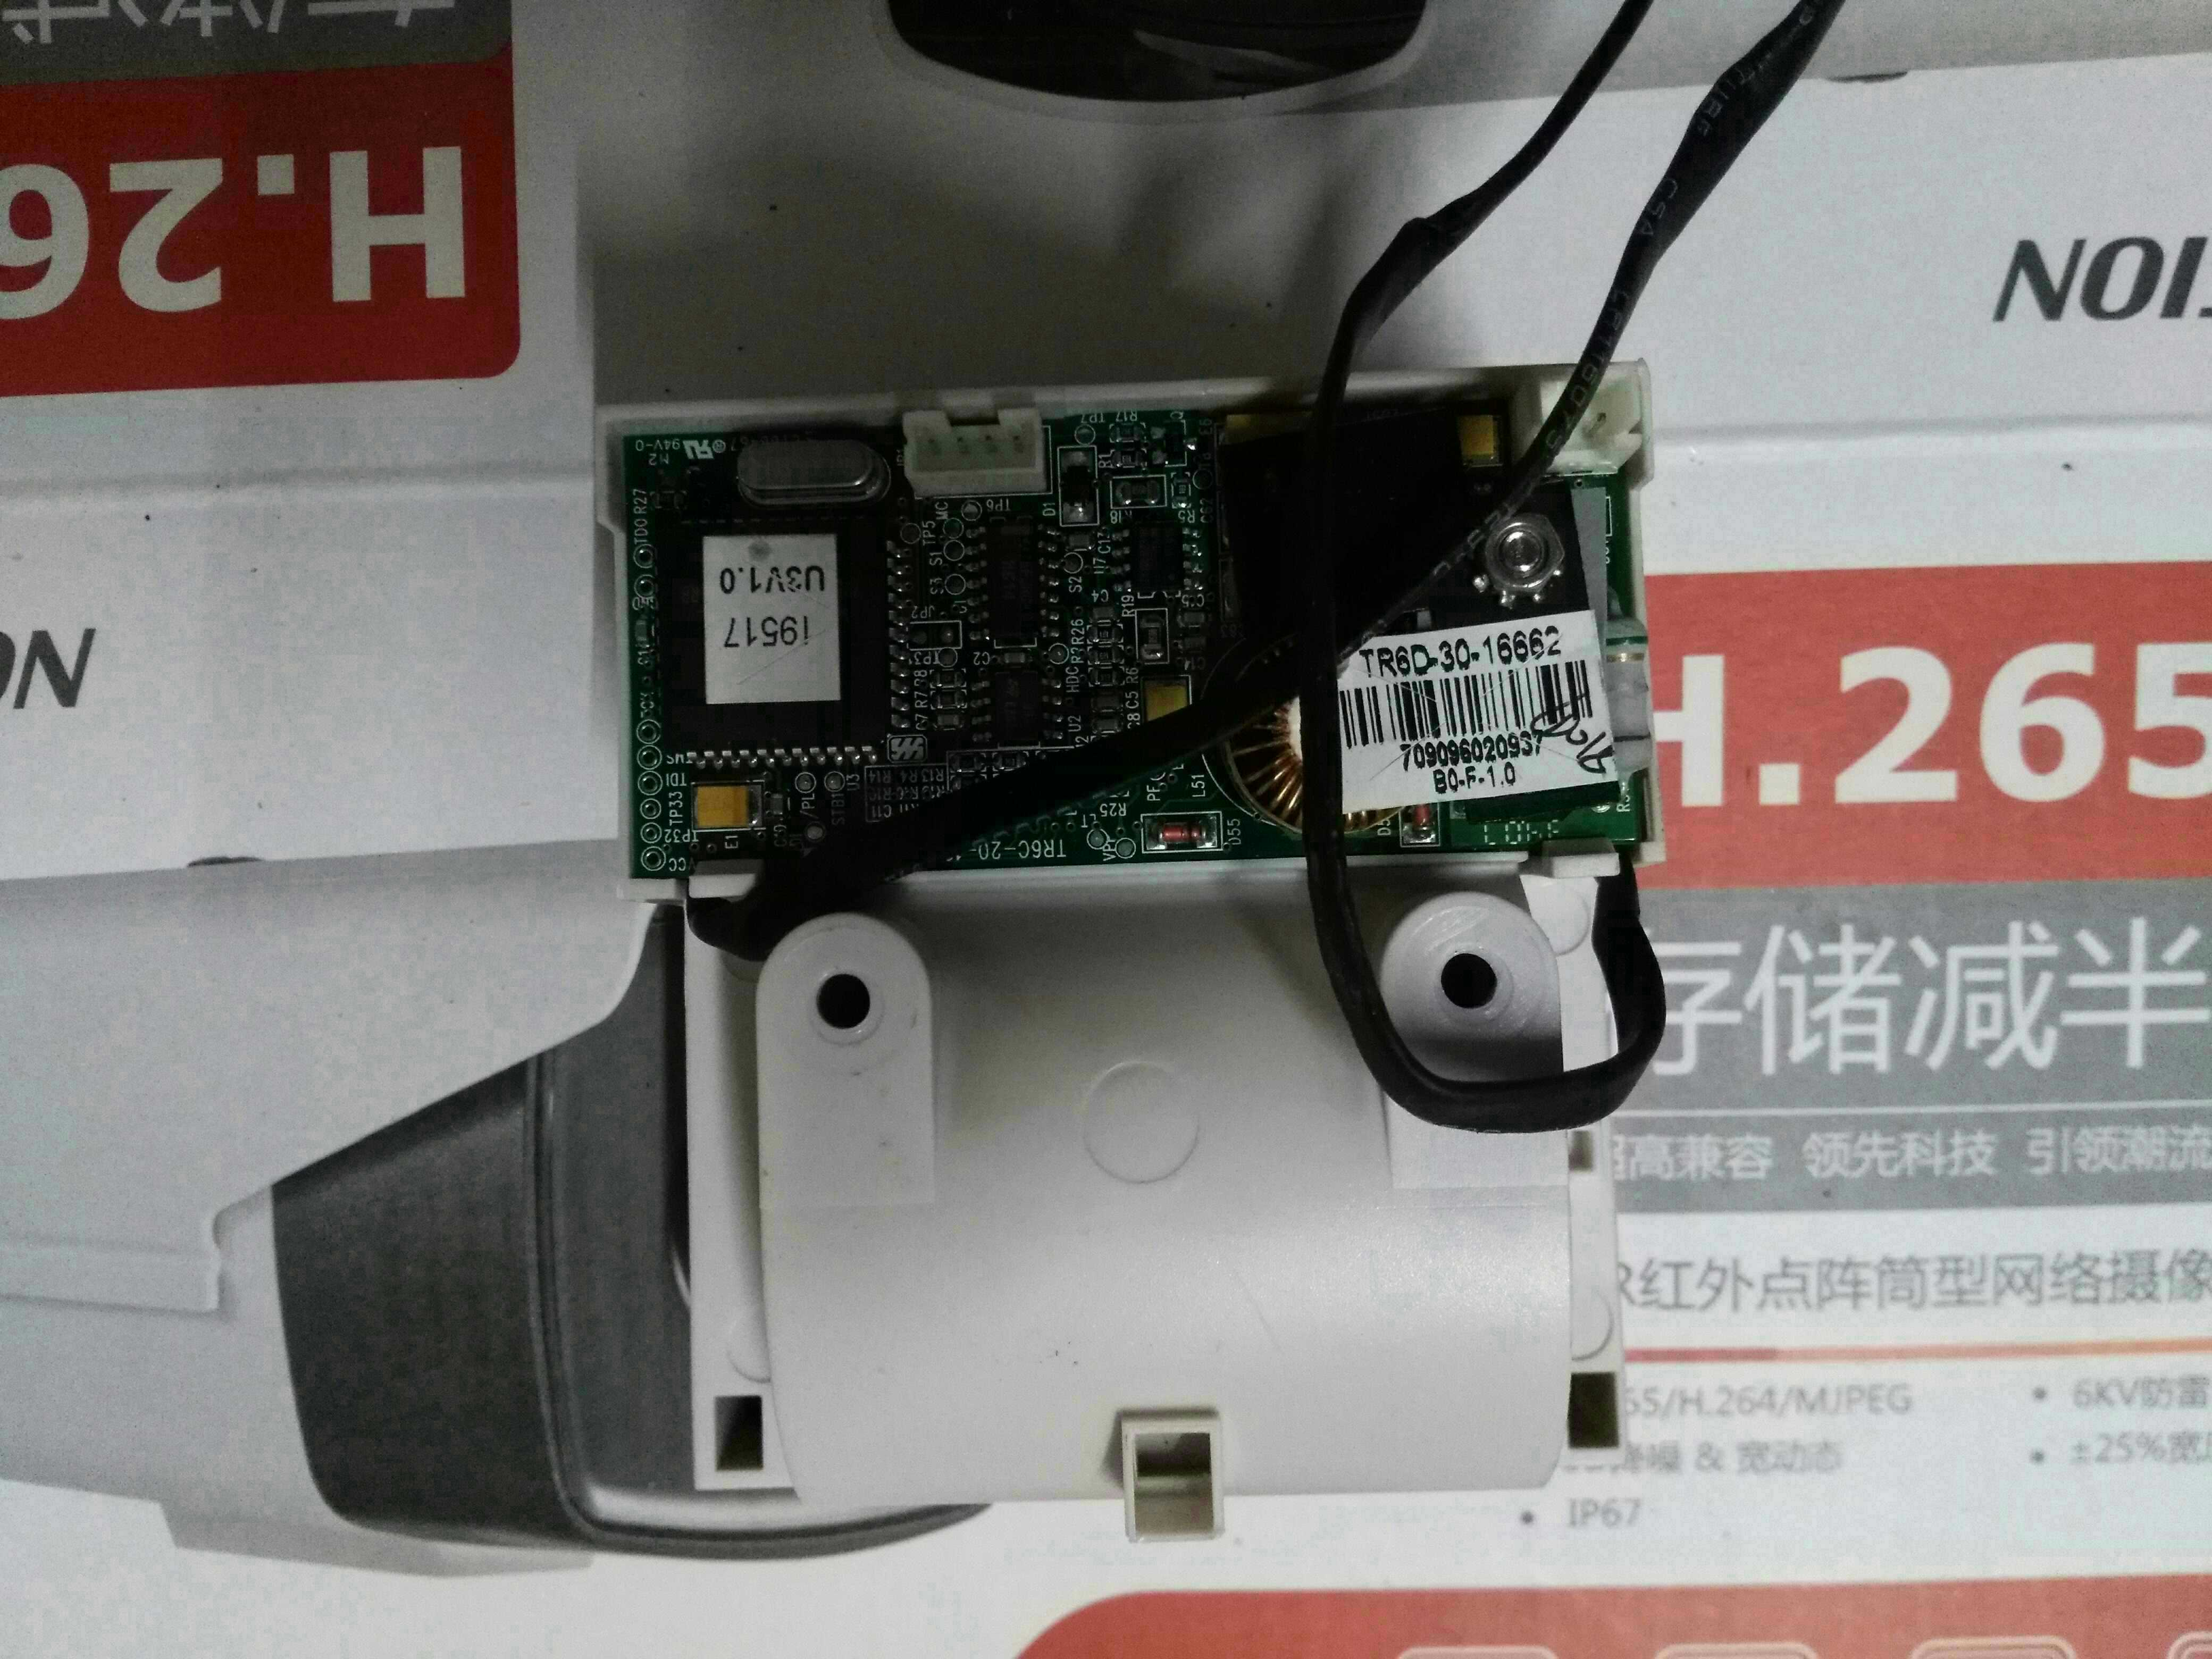 Placa de Driver de Impressora para Mindray Bc2100 Bc2300 Bc1800 Bc2900 Bc2600 Bc2800 Bc3000 Mbl1306b Bc2100